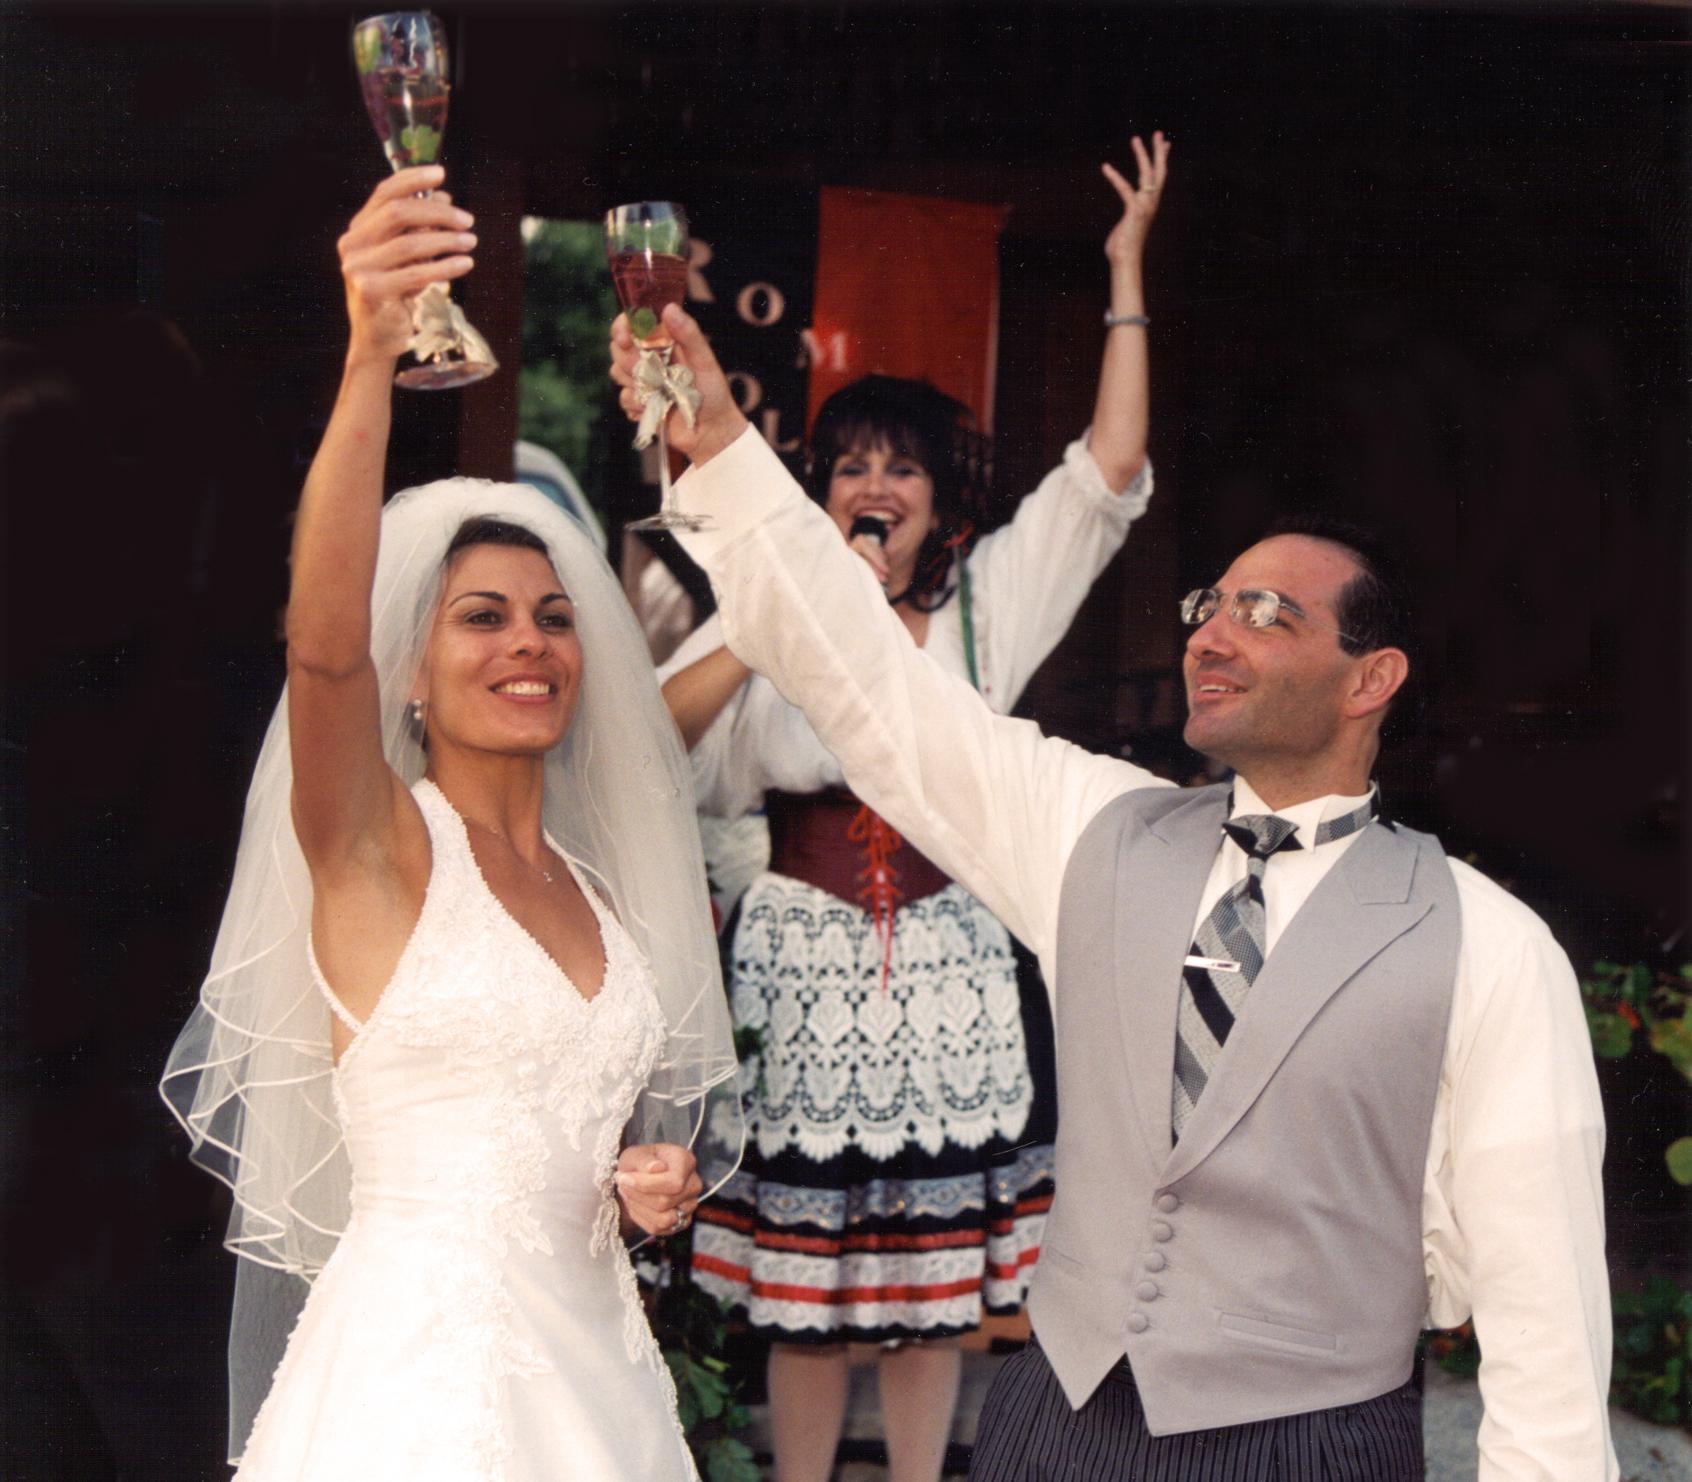 RUTA Bride & Groom Toast.jpg